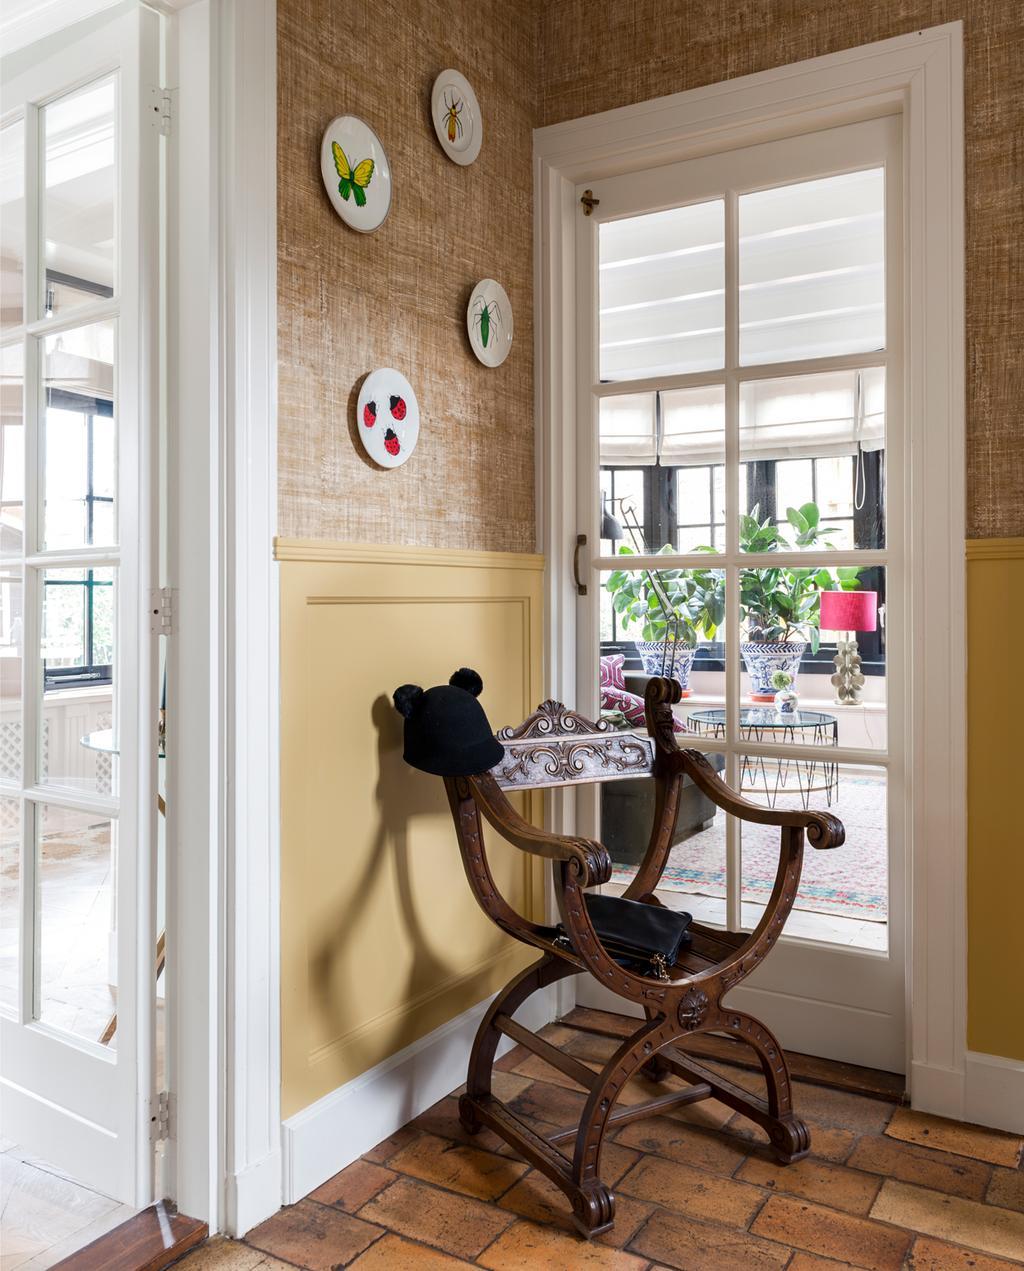 vtwonen binnenkijken special 2019 | binnenkijken in jaren twintig huis in Wassenaar zithoek